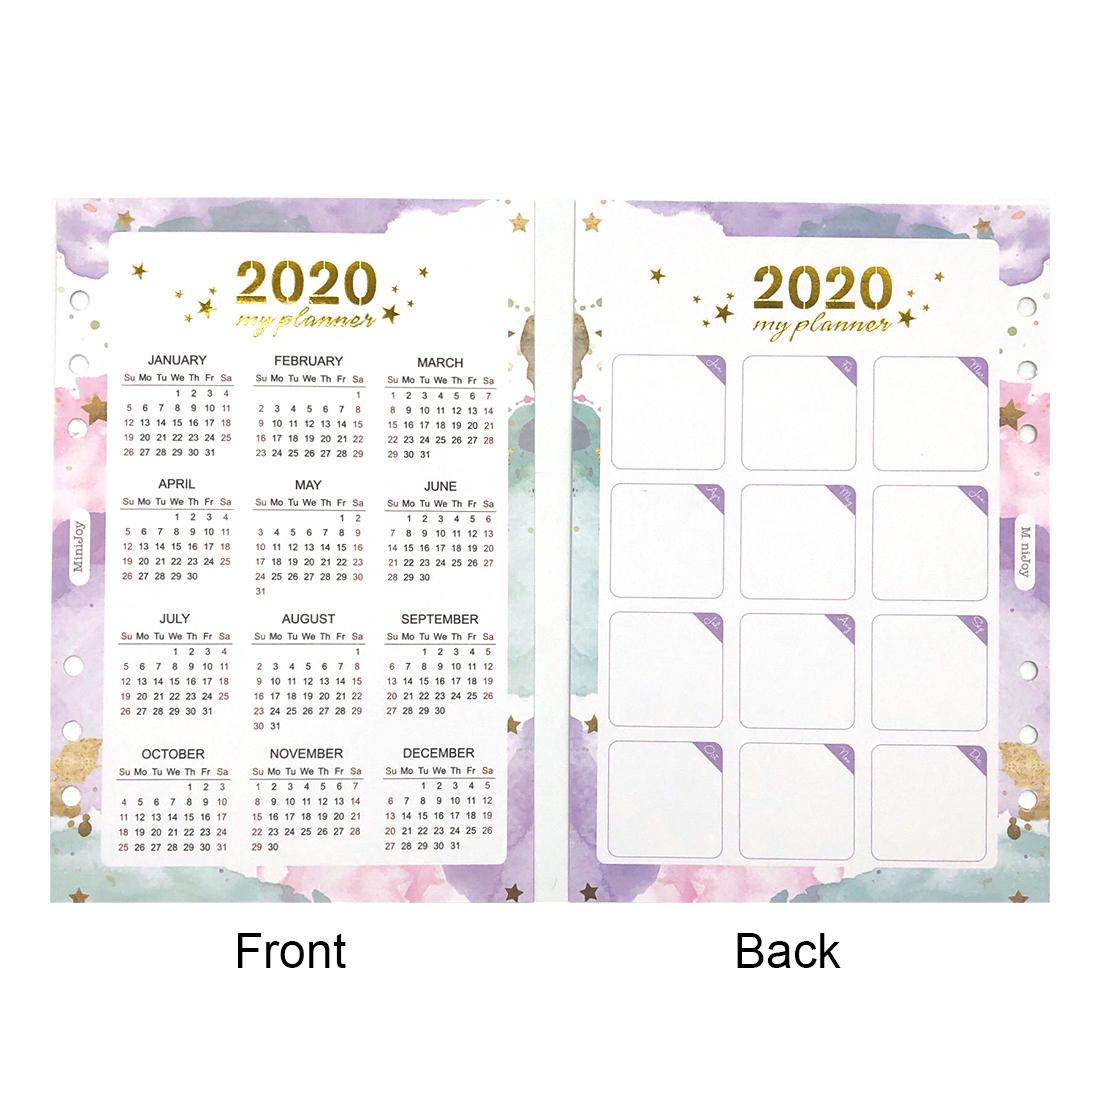 Fromthenon, 2020 год, календарь, Биндер, спиральный блокнот, индексный разделитель A5A6, ежедневник, ежедневник, Ежемесячный план, органайзер, канцеля...(Китай)